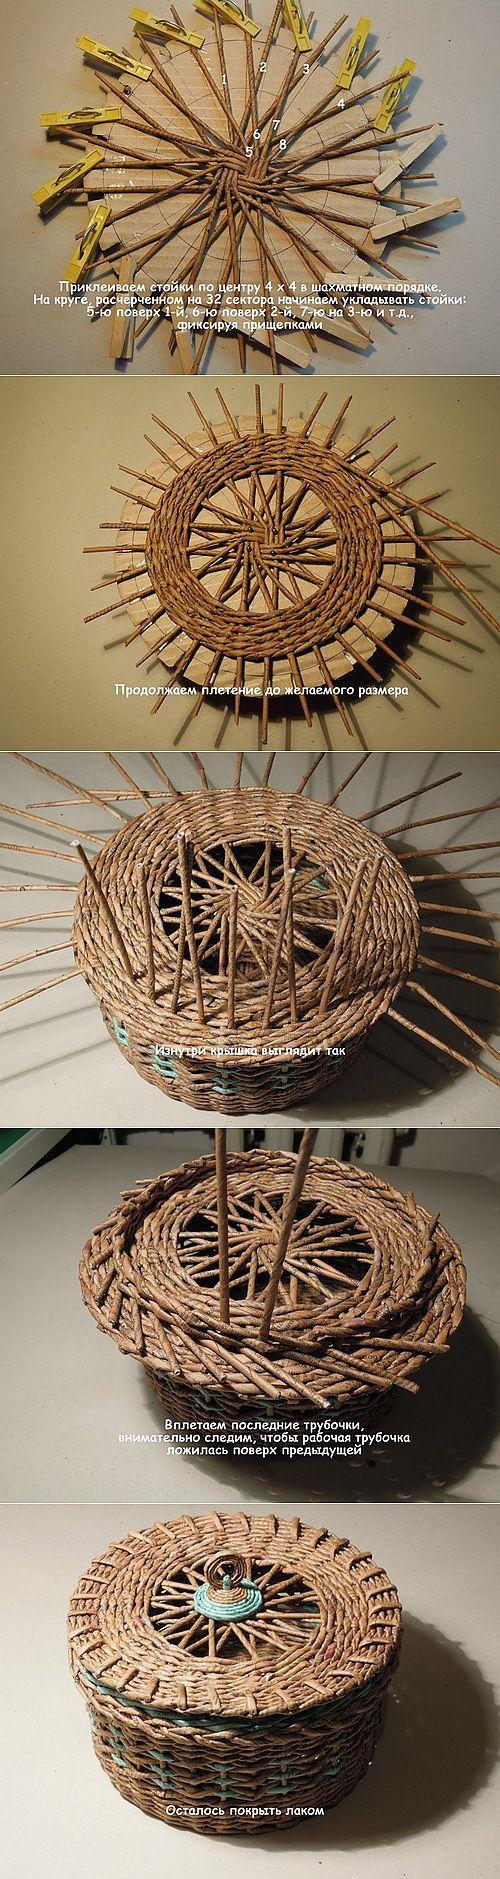 Урок плетения крышки для корзиночки -